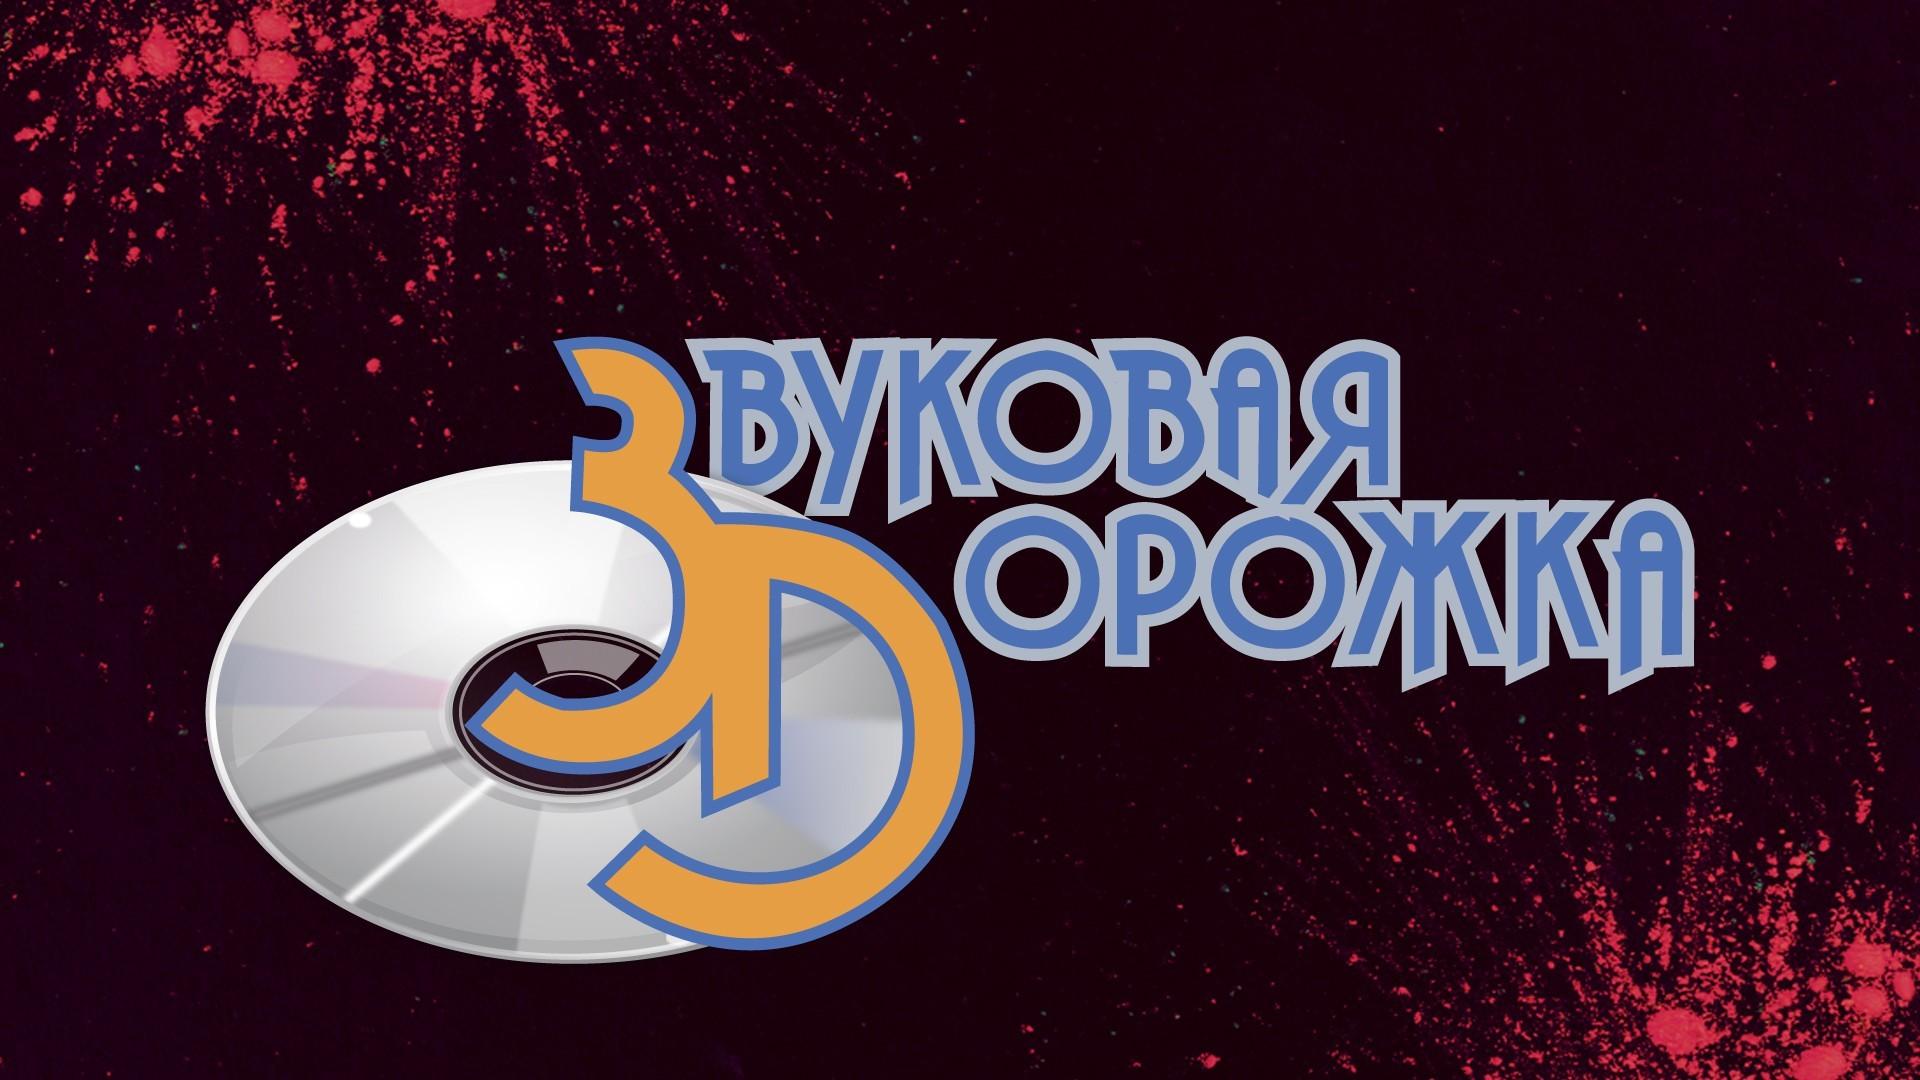 """Премия """"Звуковая дорожка - 2020"""""""